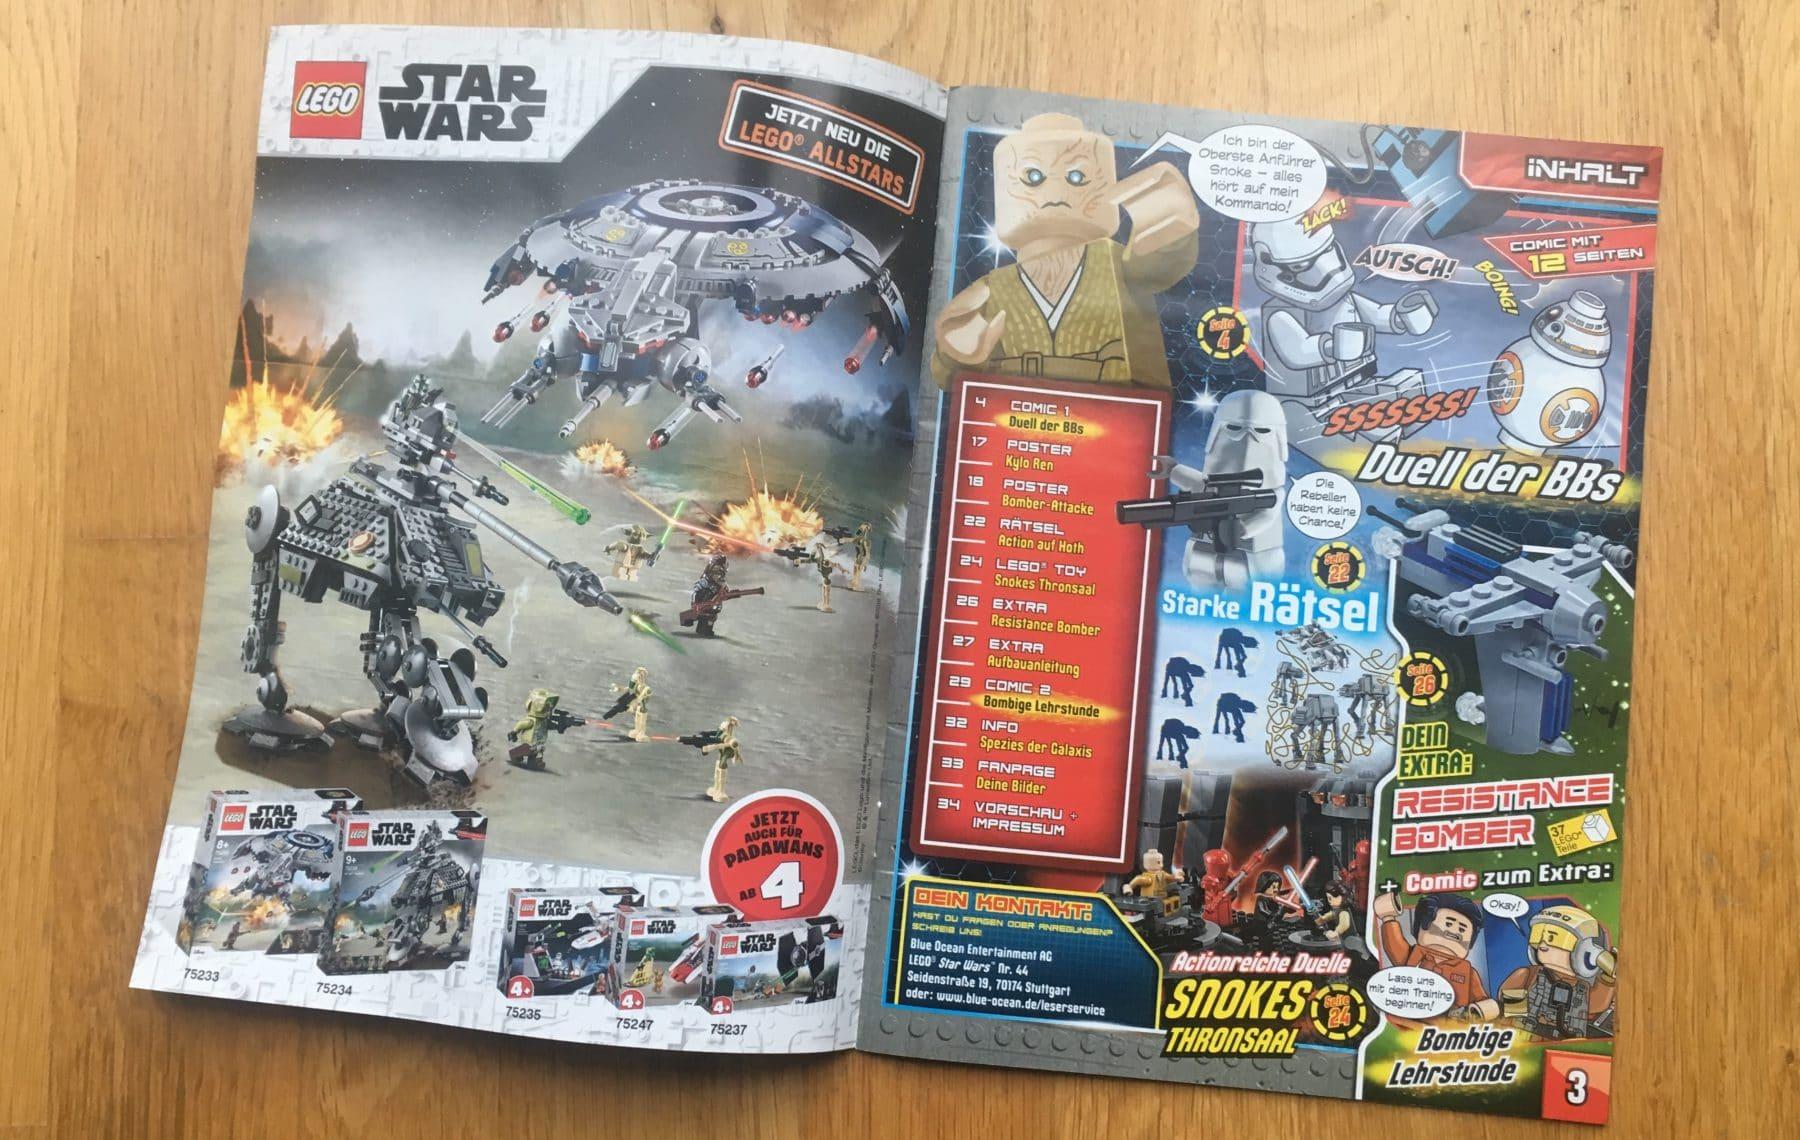 LEGO Star Wars Magazin #44 Inhaltsverzeichnis